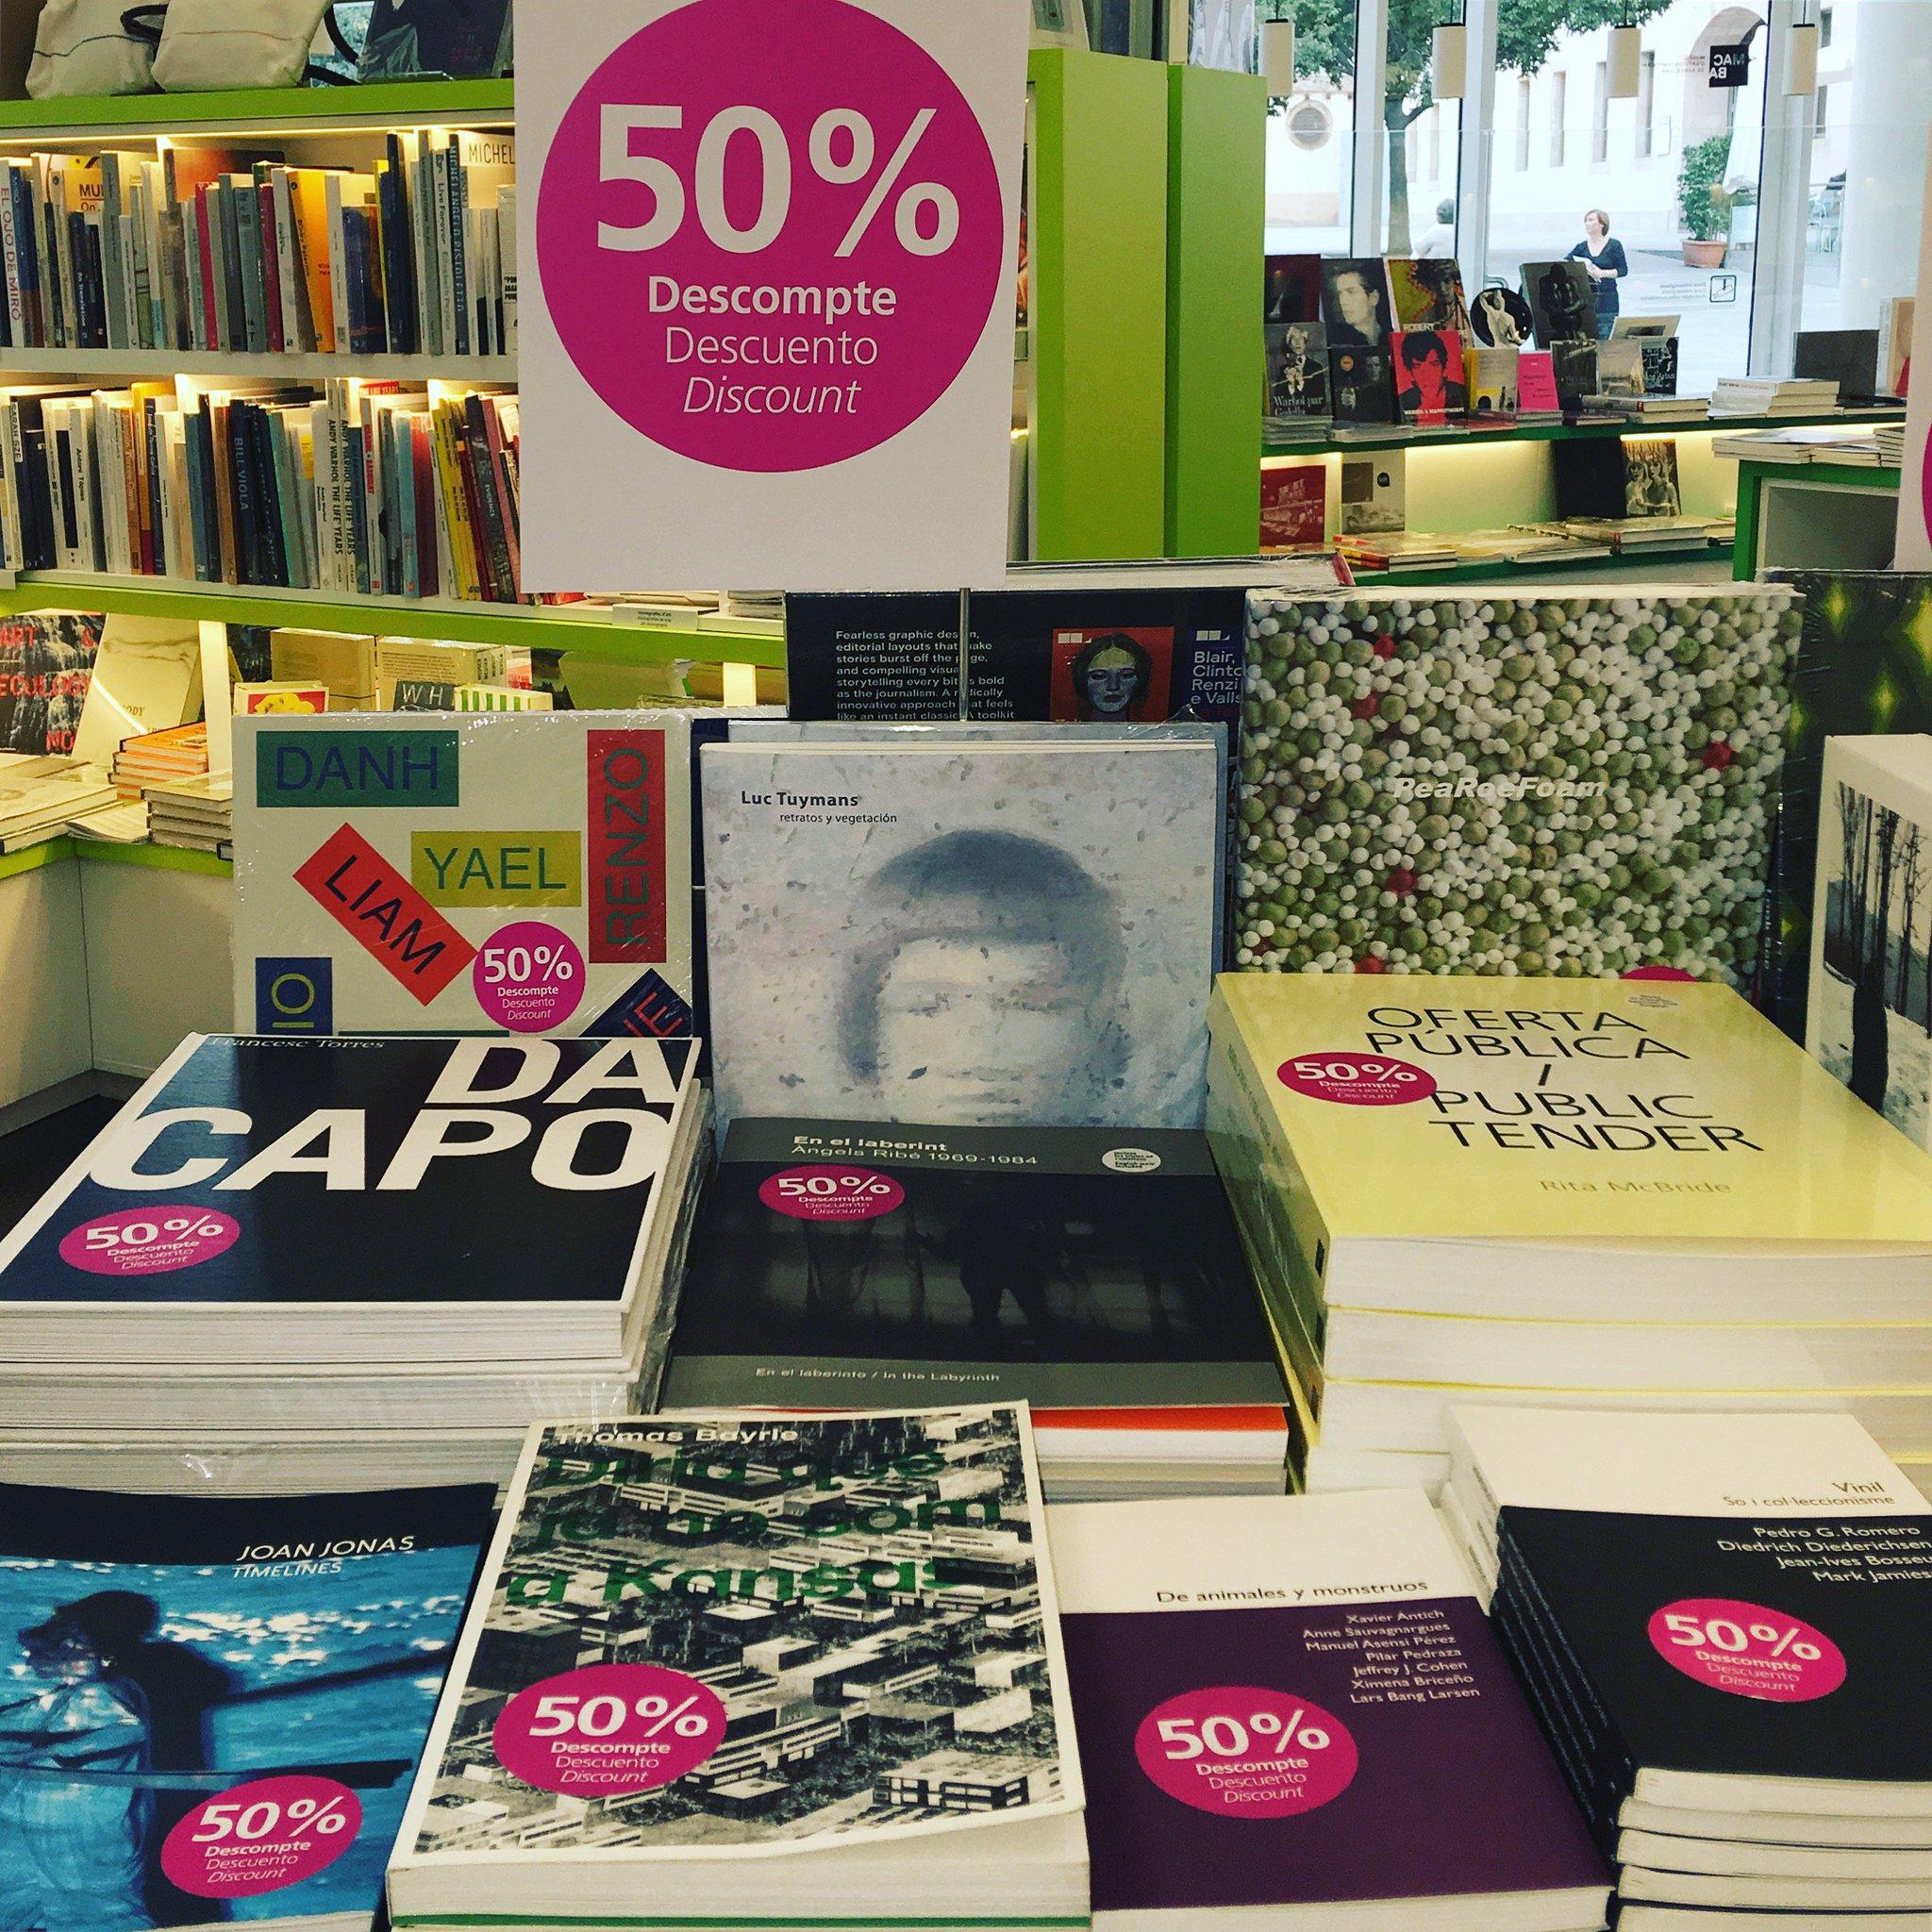 Passeu-vos per la #MACBAStoreLaie. Periòdicament trobareu una selecció de #MACBAbooks amb descompte   @laietana https://t.co/MAwfBNkAF3